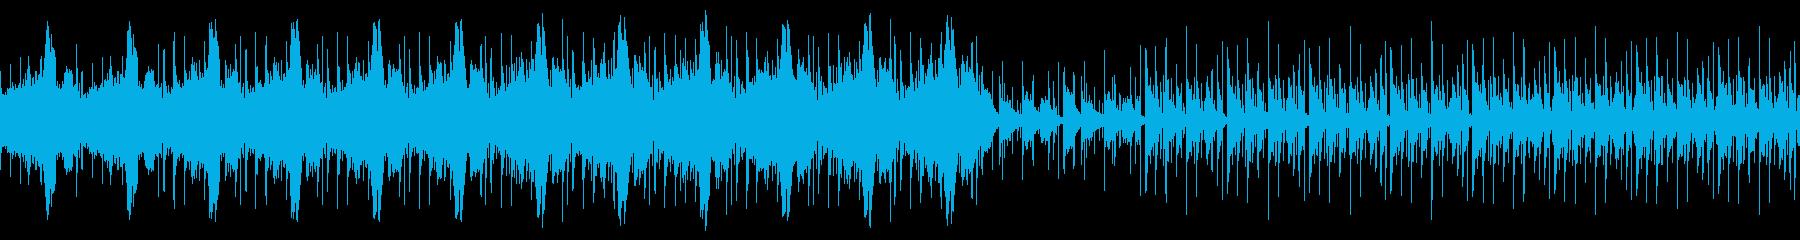 【高クオリティ】ふしぎな森のダンジョンの再生済みの波形